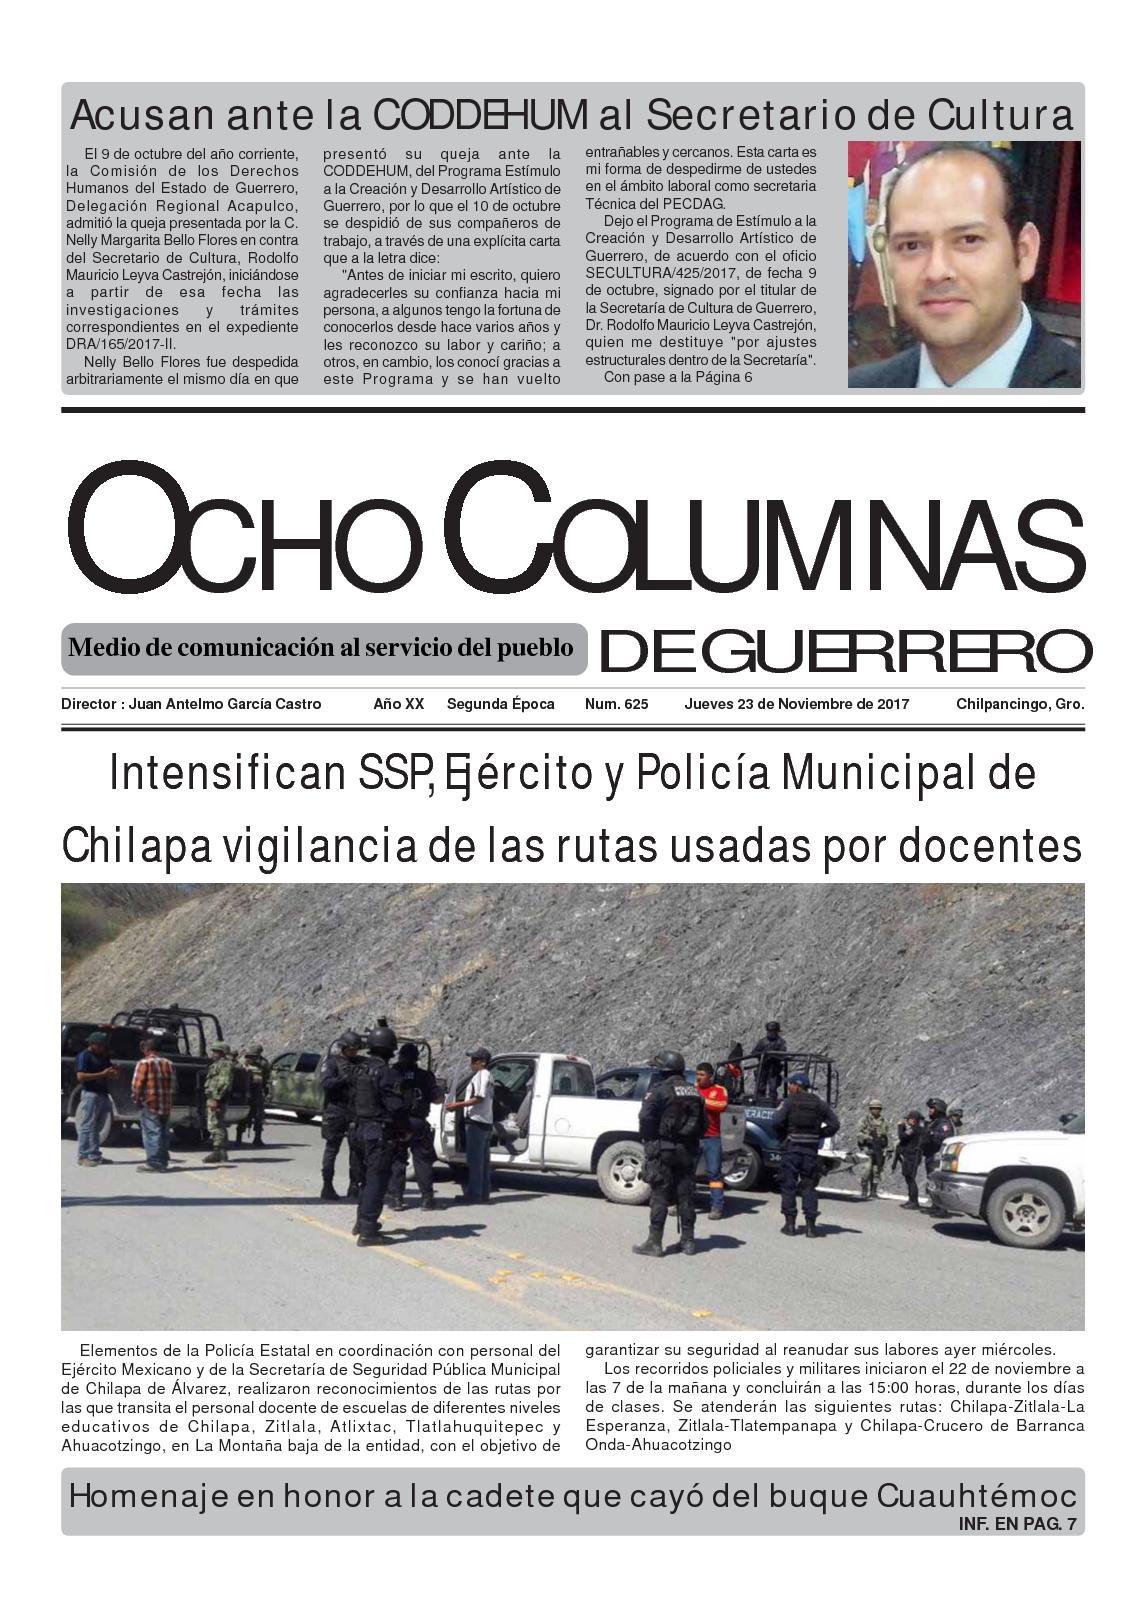 Calaméo - Ocho Columnas De Guerrero